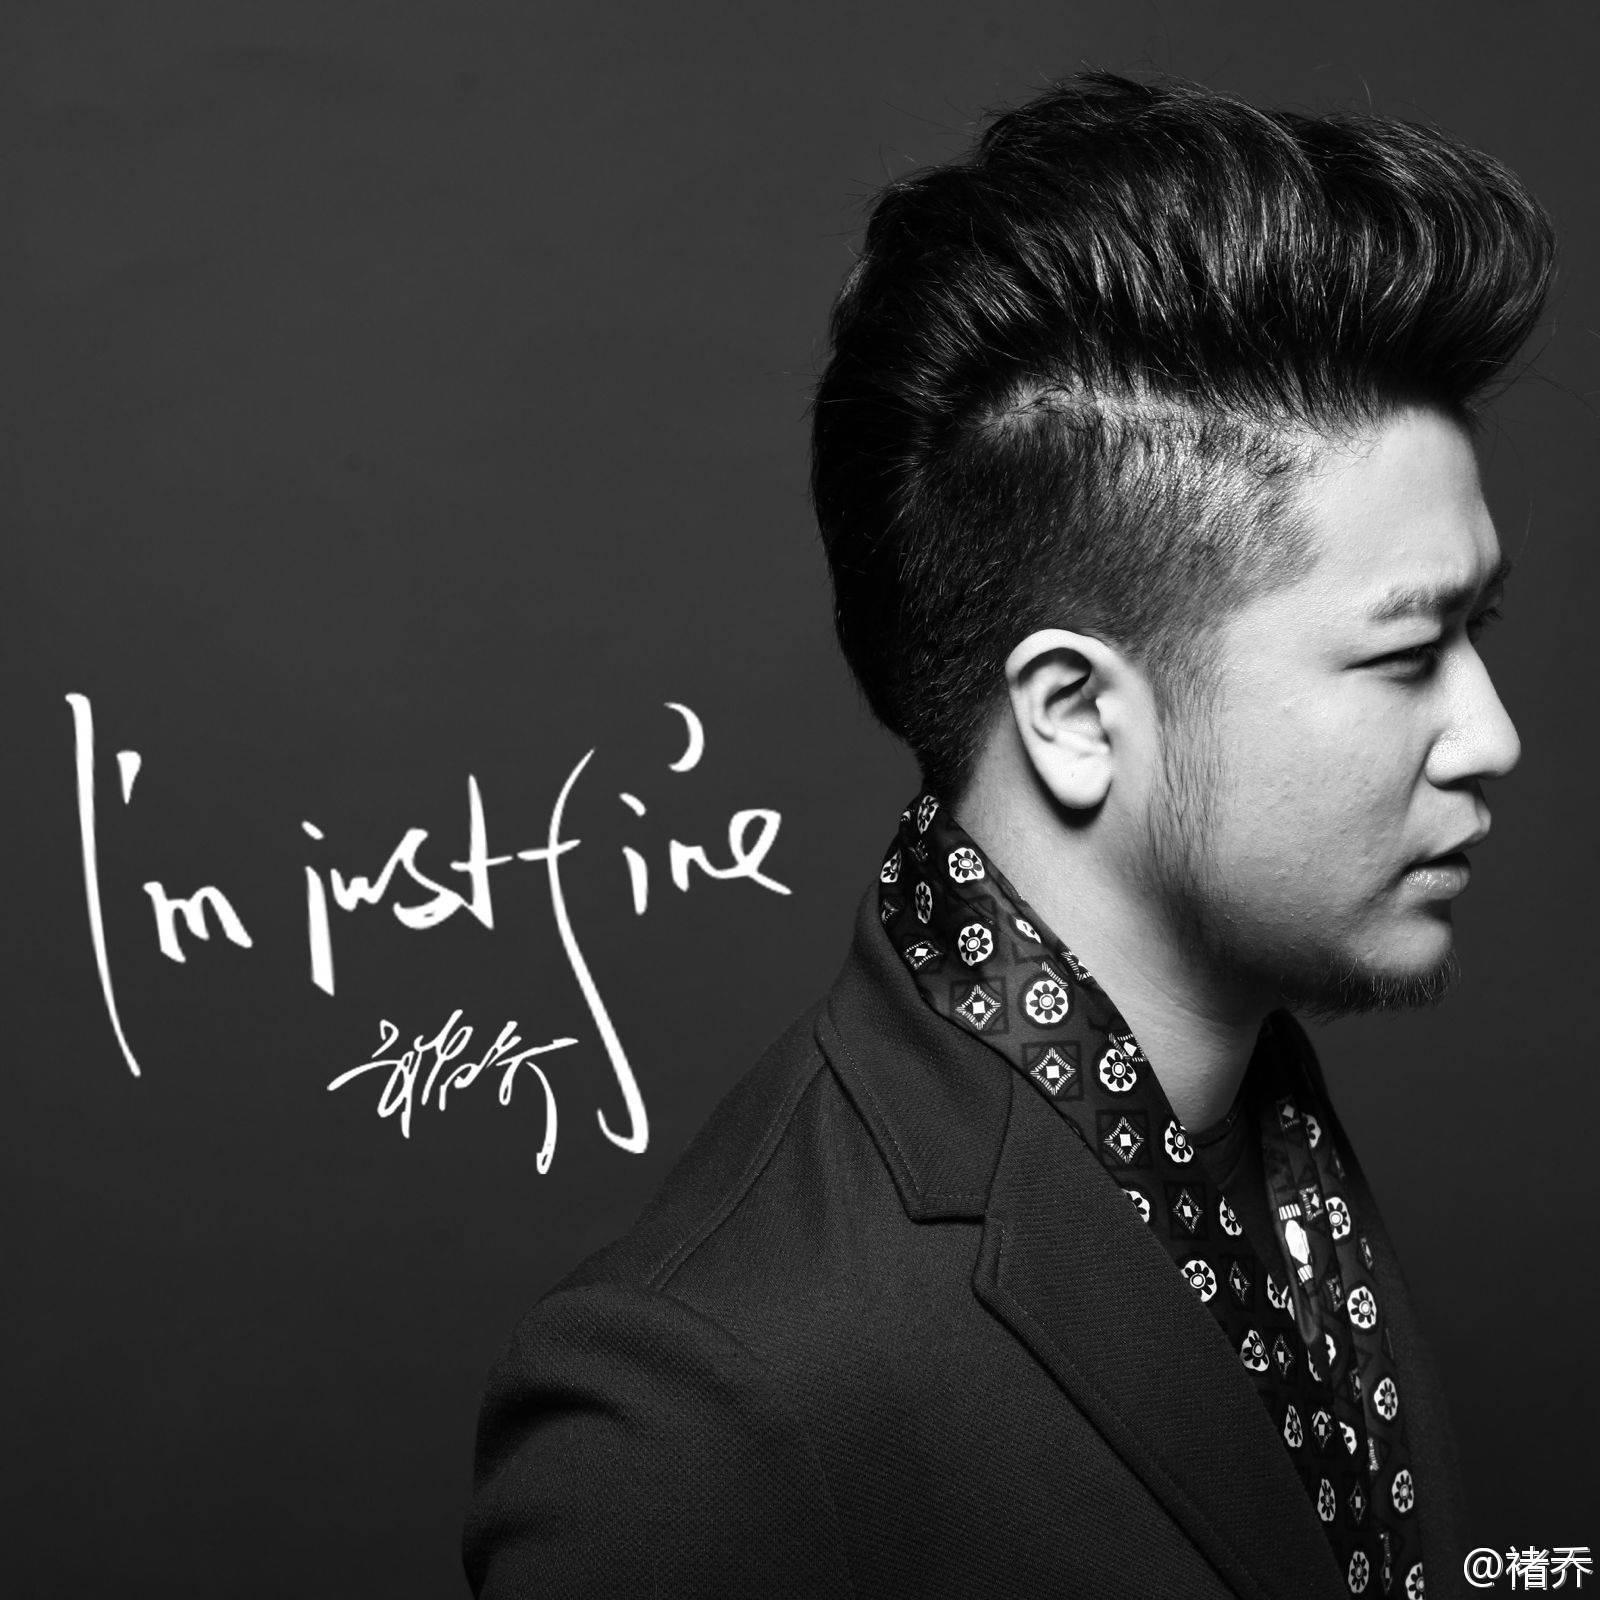 褚乔《Im Just Fine》:传递正能量 励志歌曲新范本